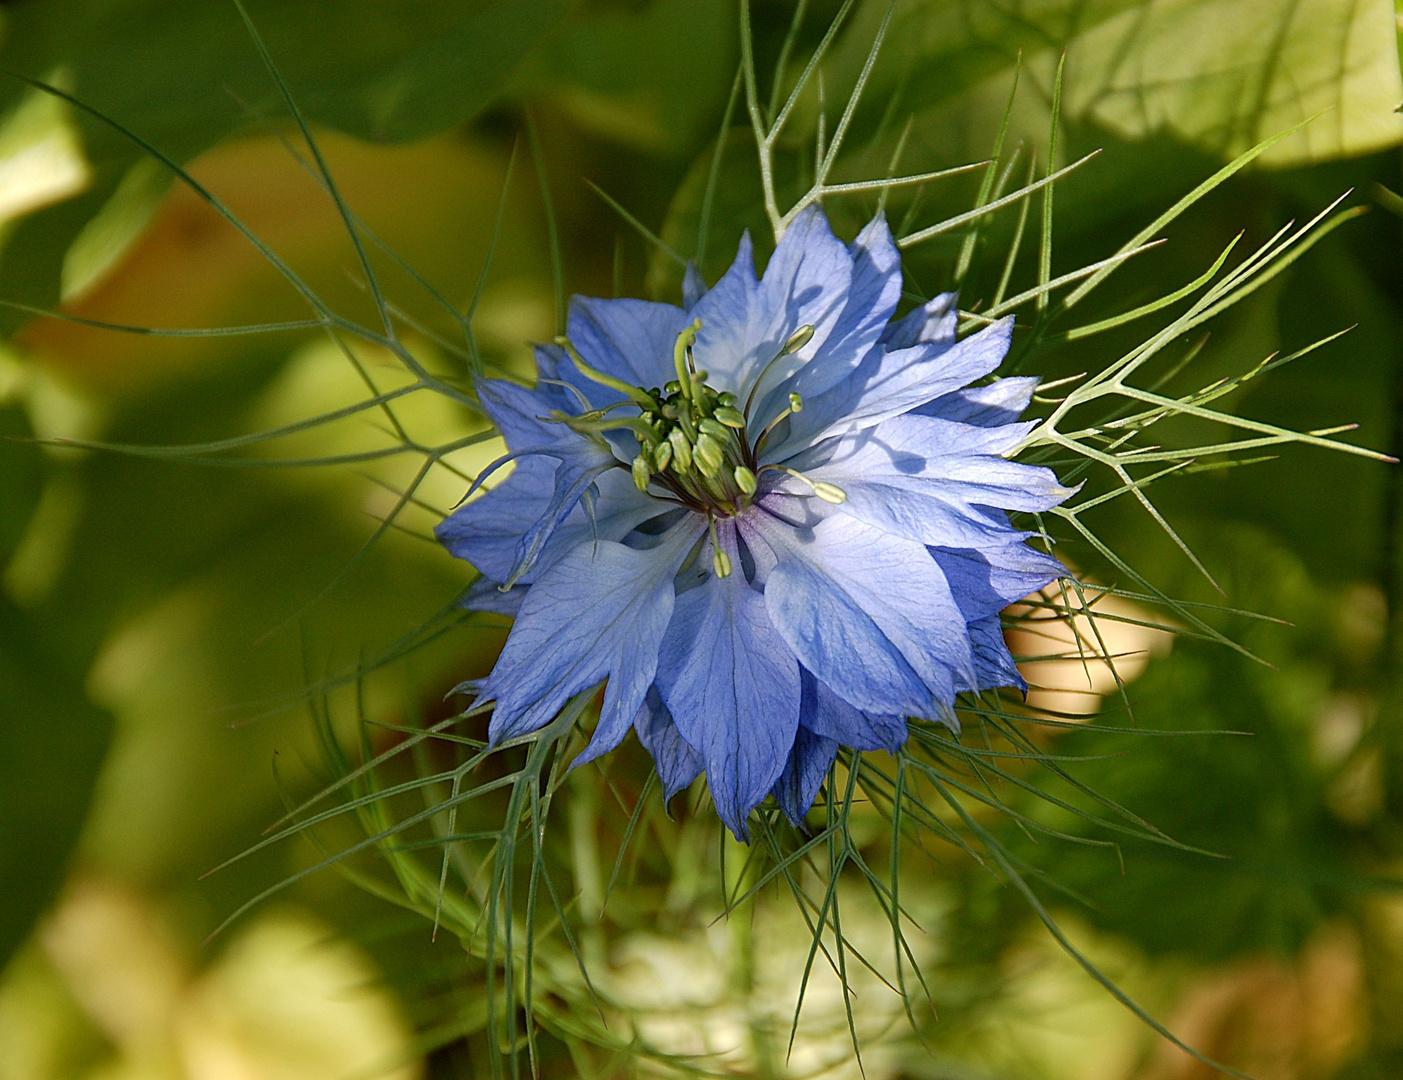 blaue jungfer im gr nen foto bild pflanzen pilze flechten bl ten kleinpflanzen. Black Bedroom Furniture Sets. Home Design Ideas